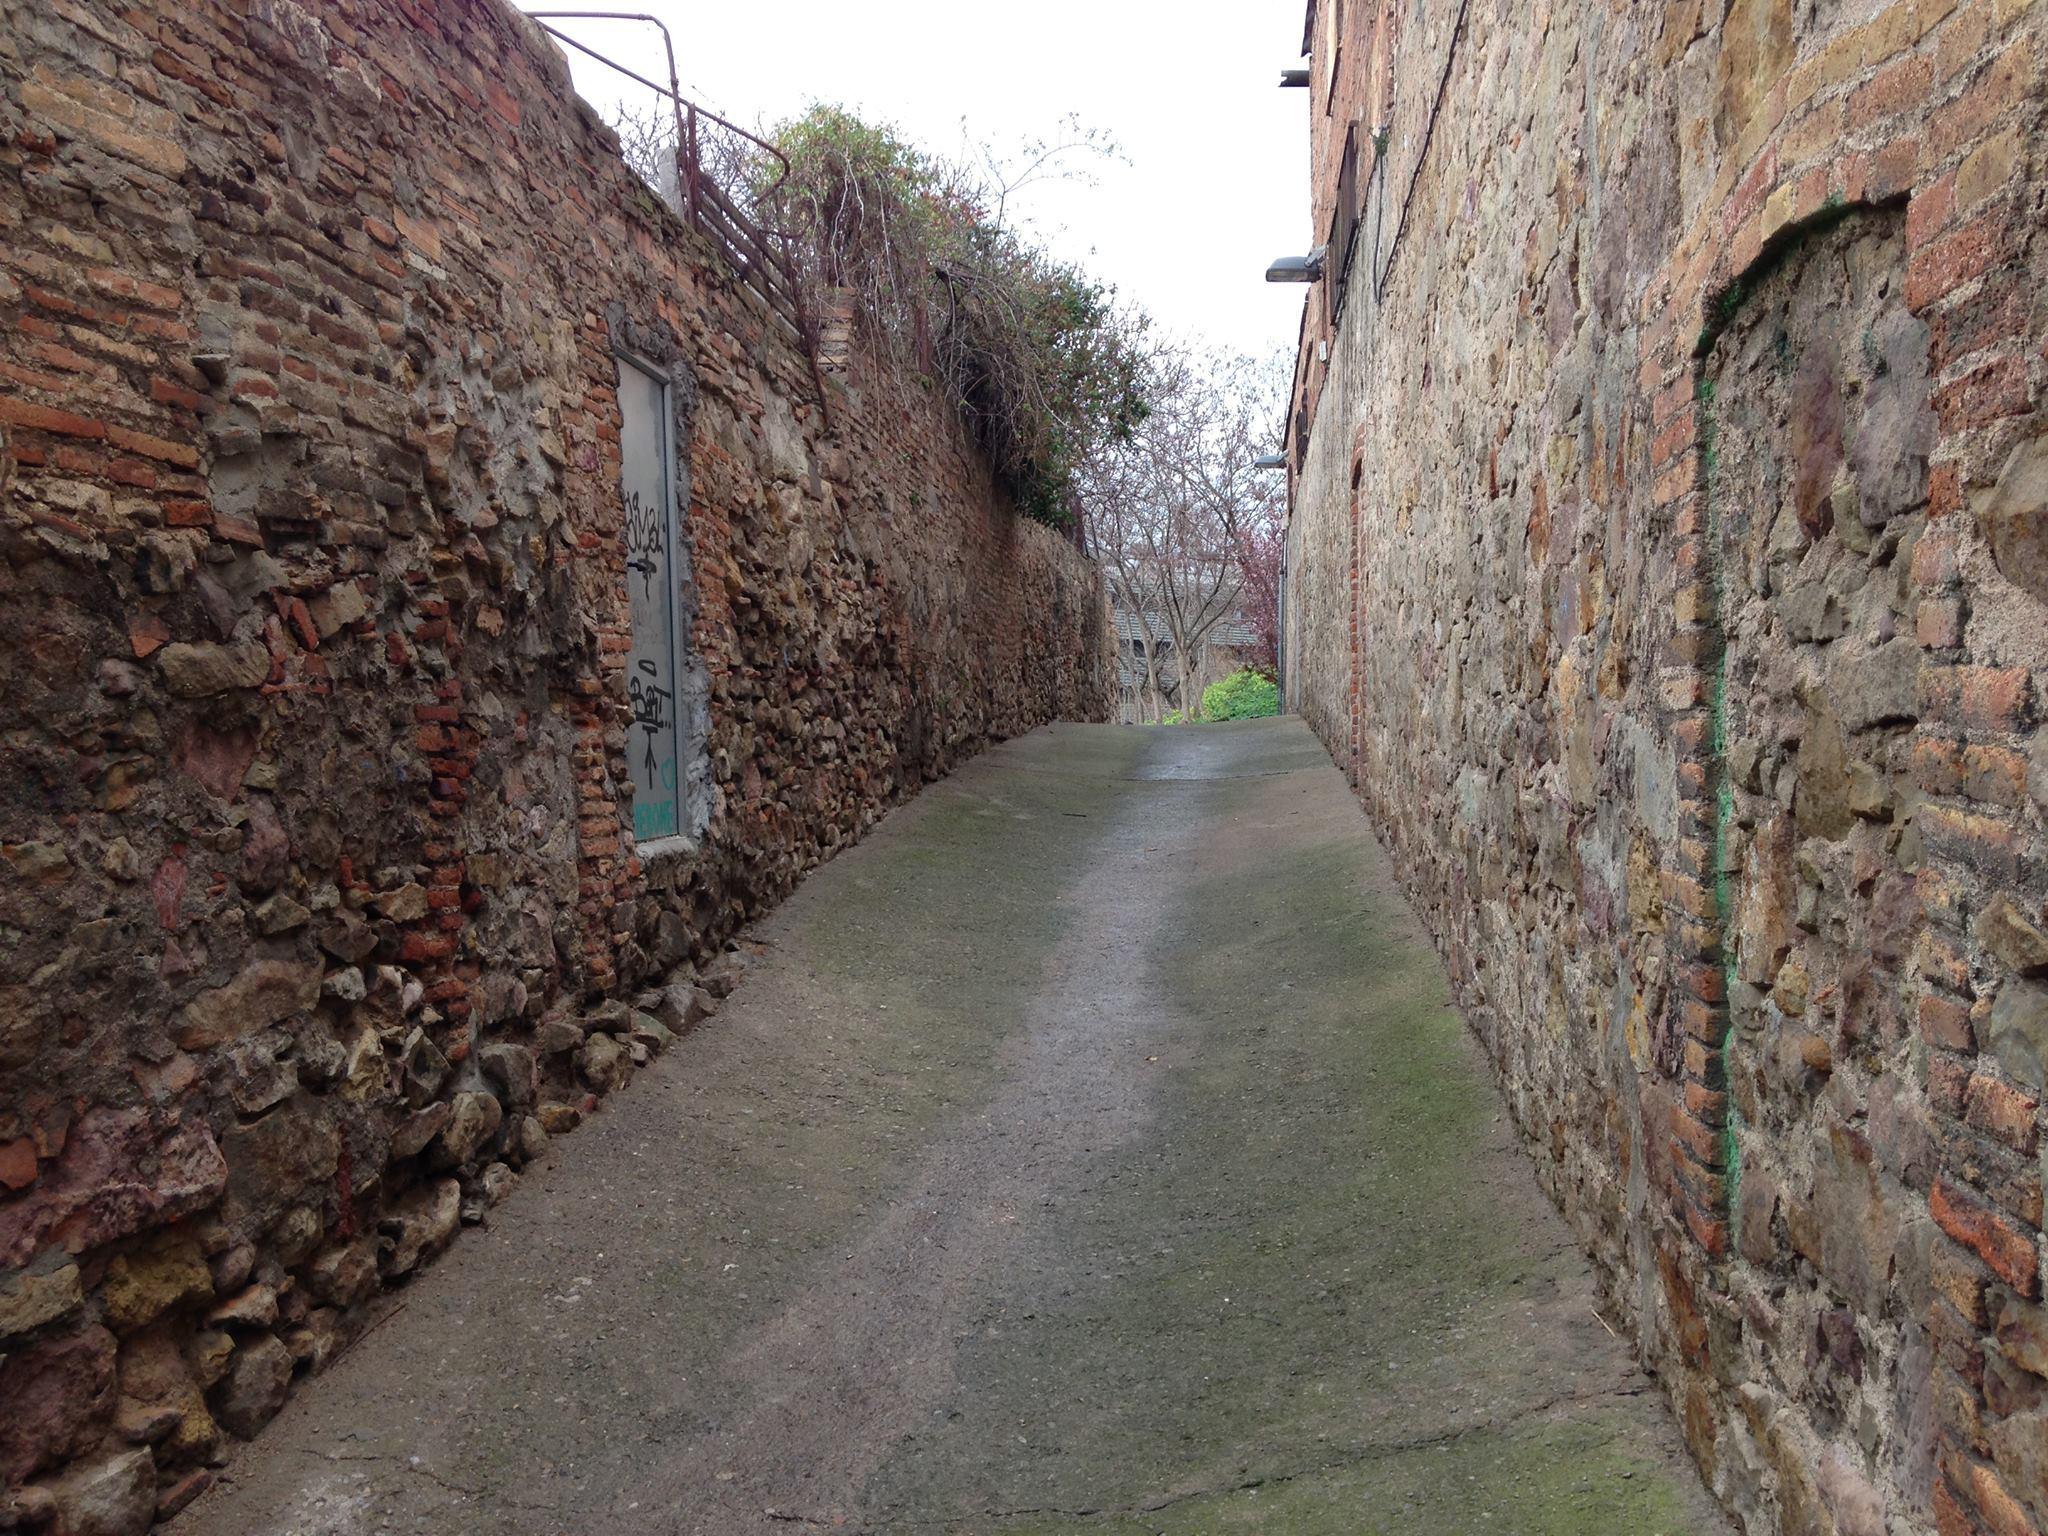 Ruta del Camí Antic de València